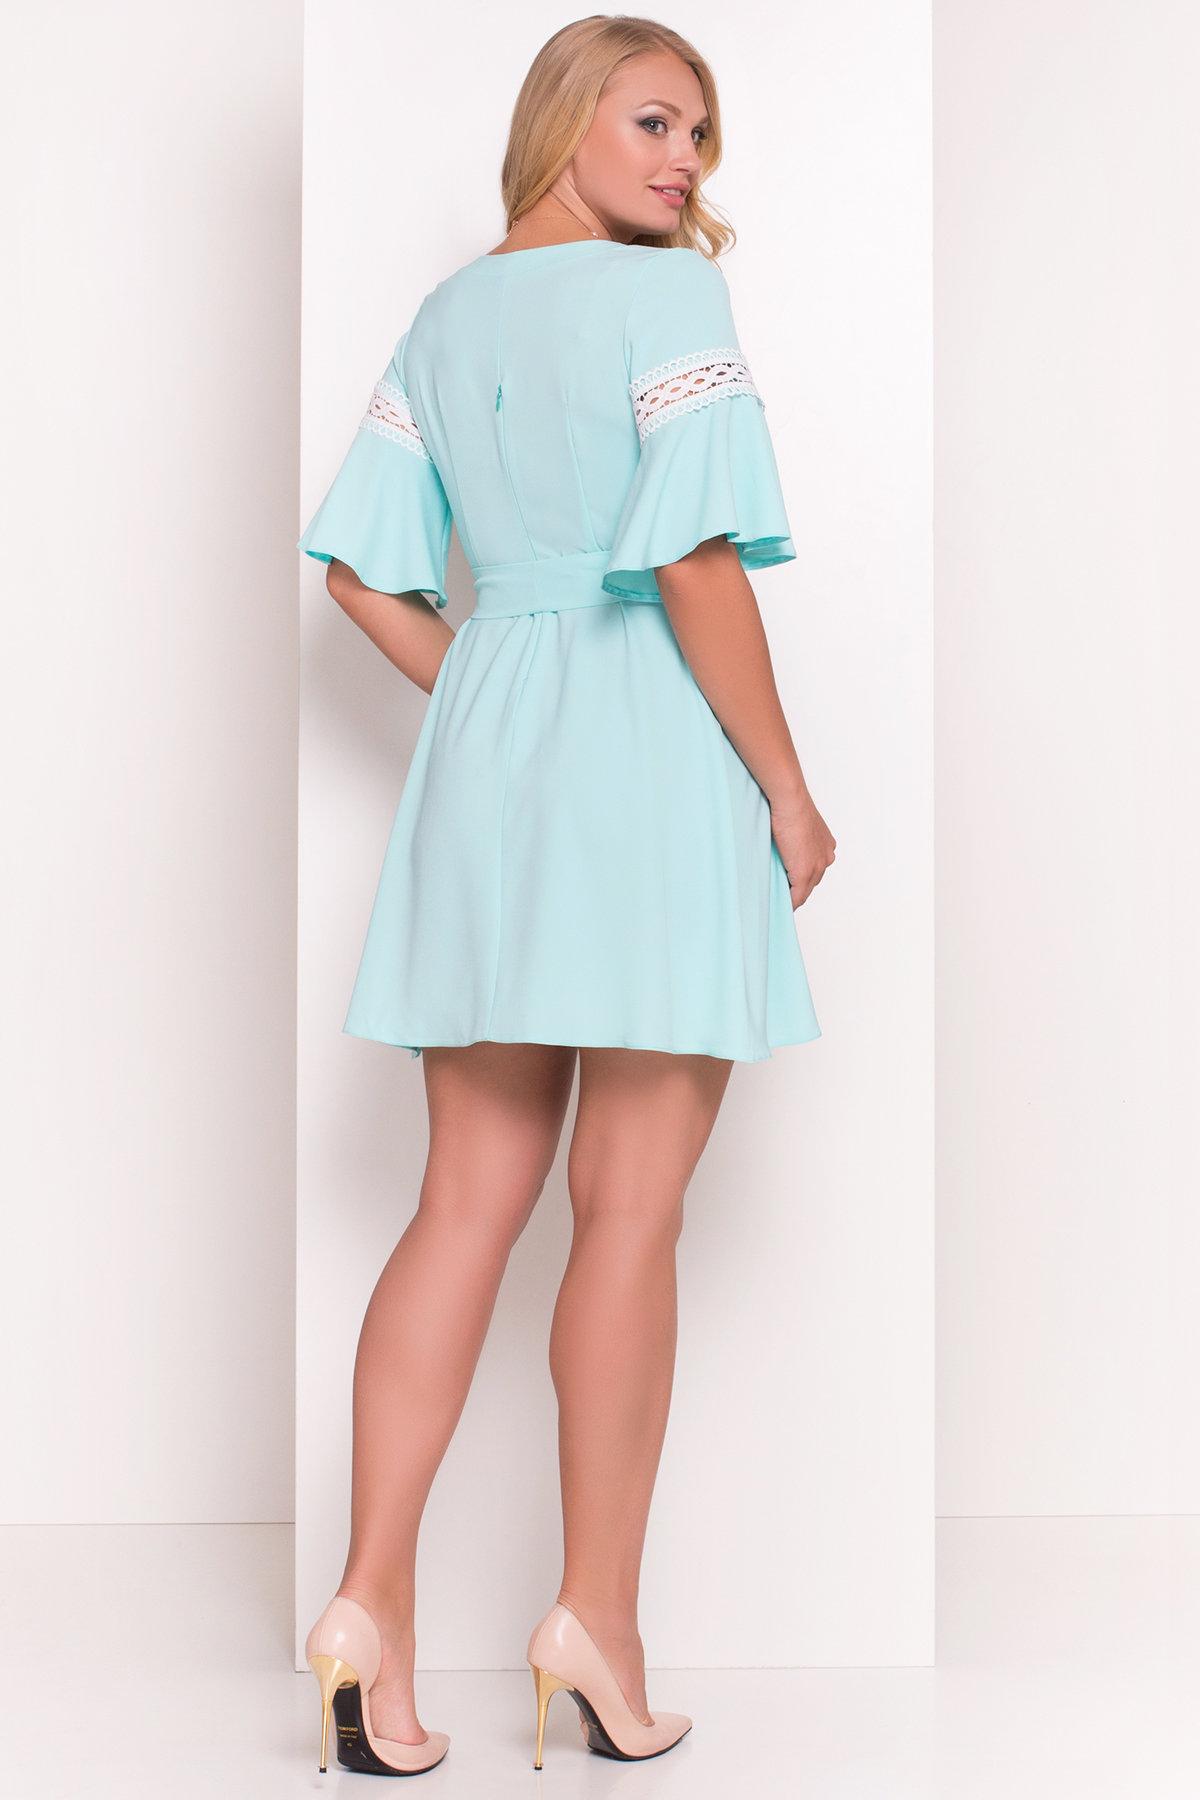 Платье Аделина Donna 5026 АРТ. 35524 Цвет: Мята - фото 2, интернет магазин tm-modus.ru